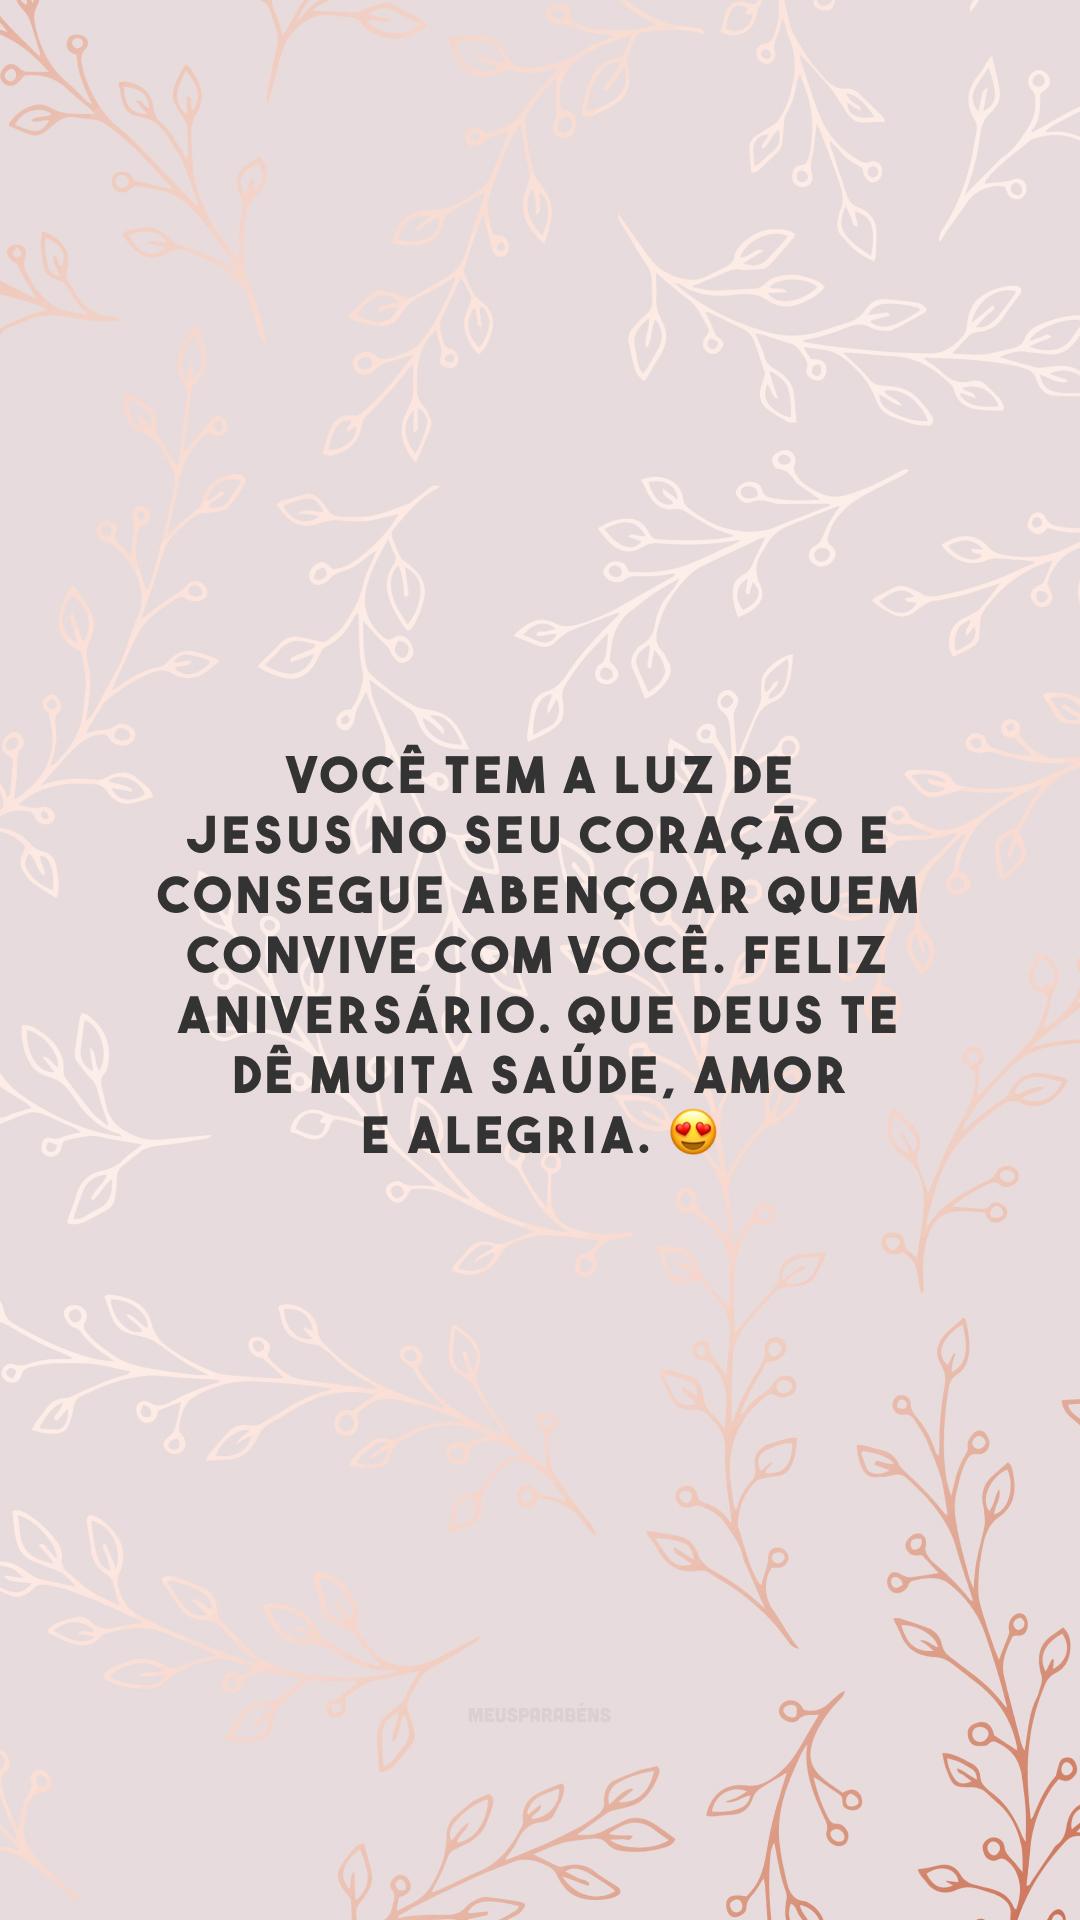 Você tem a luz de Jesus no seu coração e consegue abençoar quem convive com você. Feliz aniversário. Que Deus te dê muita saúde, amor e alegria. 😍